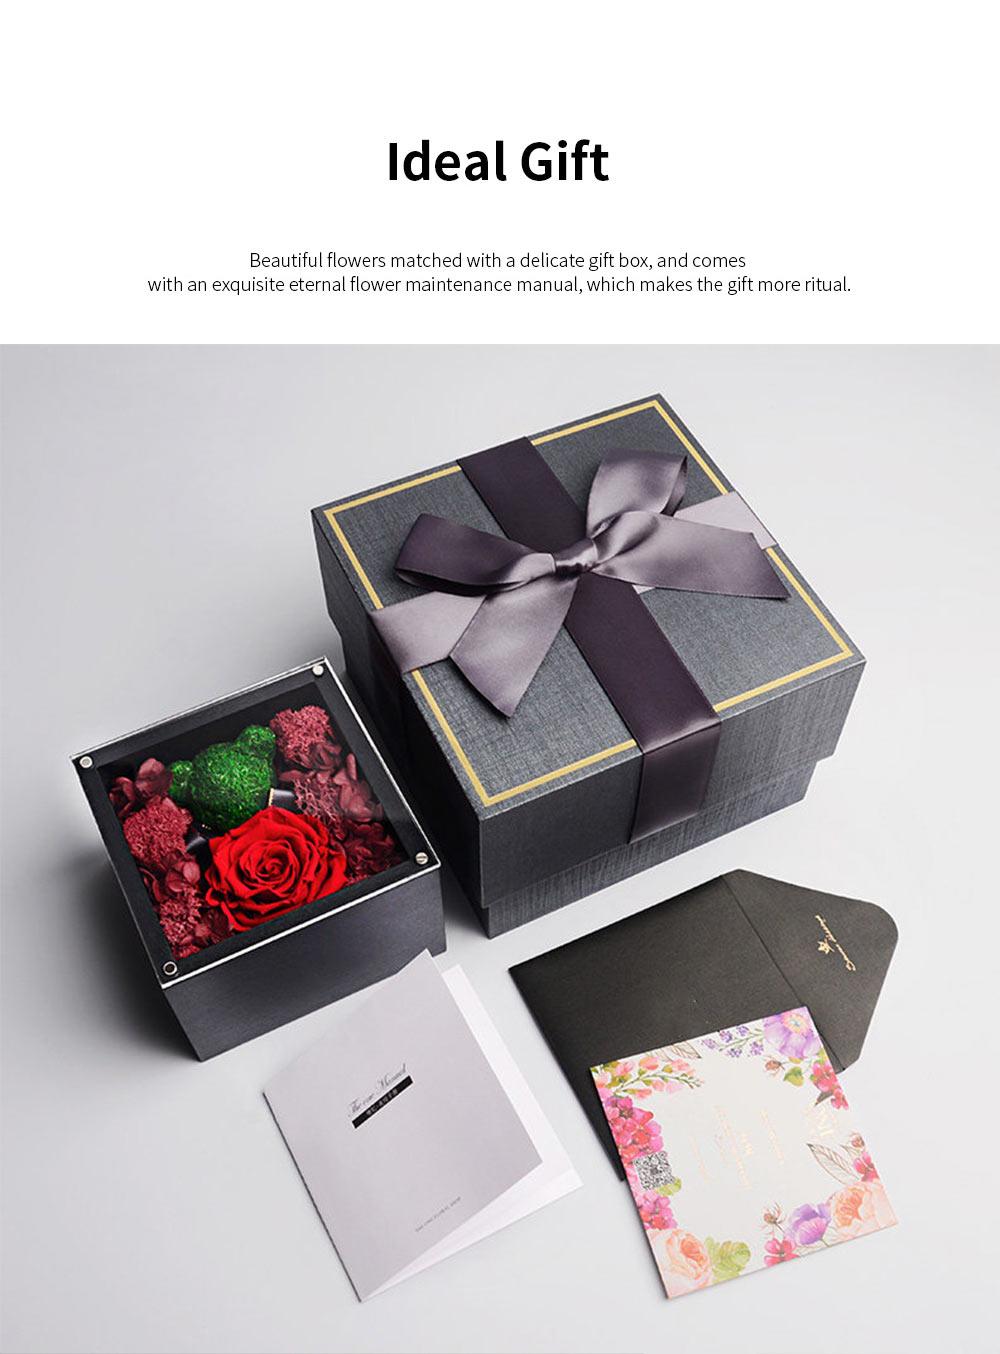 Eternal Rose with Gift Box Forever Blossom Flower for Love Ones Artificial Eternal Life Flower Gift for Mom Lover Girlfriend 5